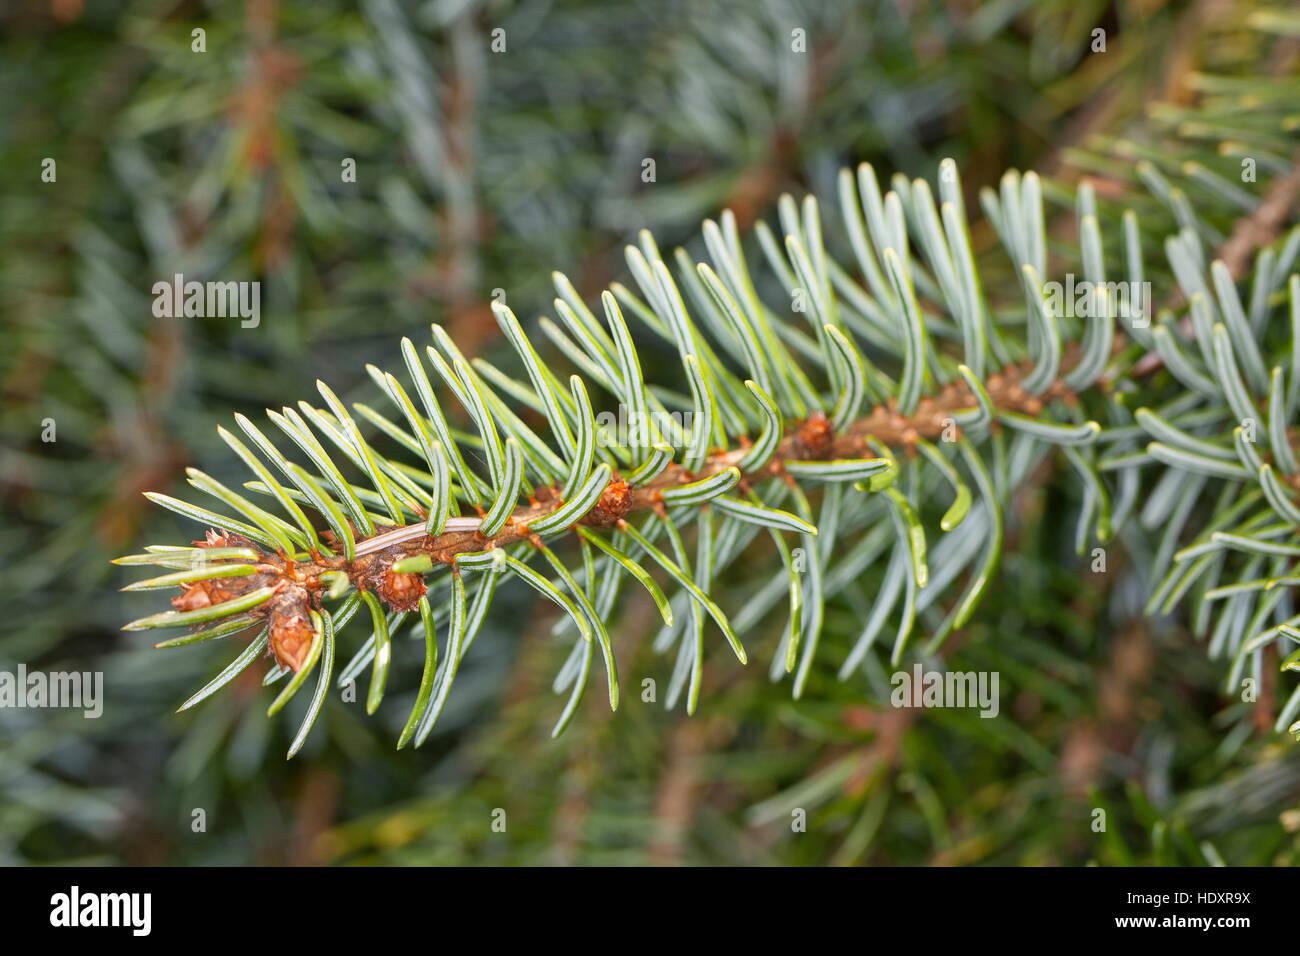 Omorika-Fichte, Serbische Fichte, Omorikafichte, Picea omorika, Serbian Spruce - Stock Image